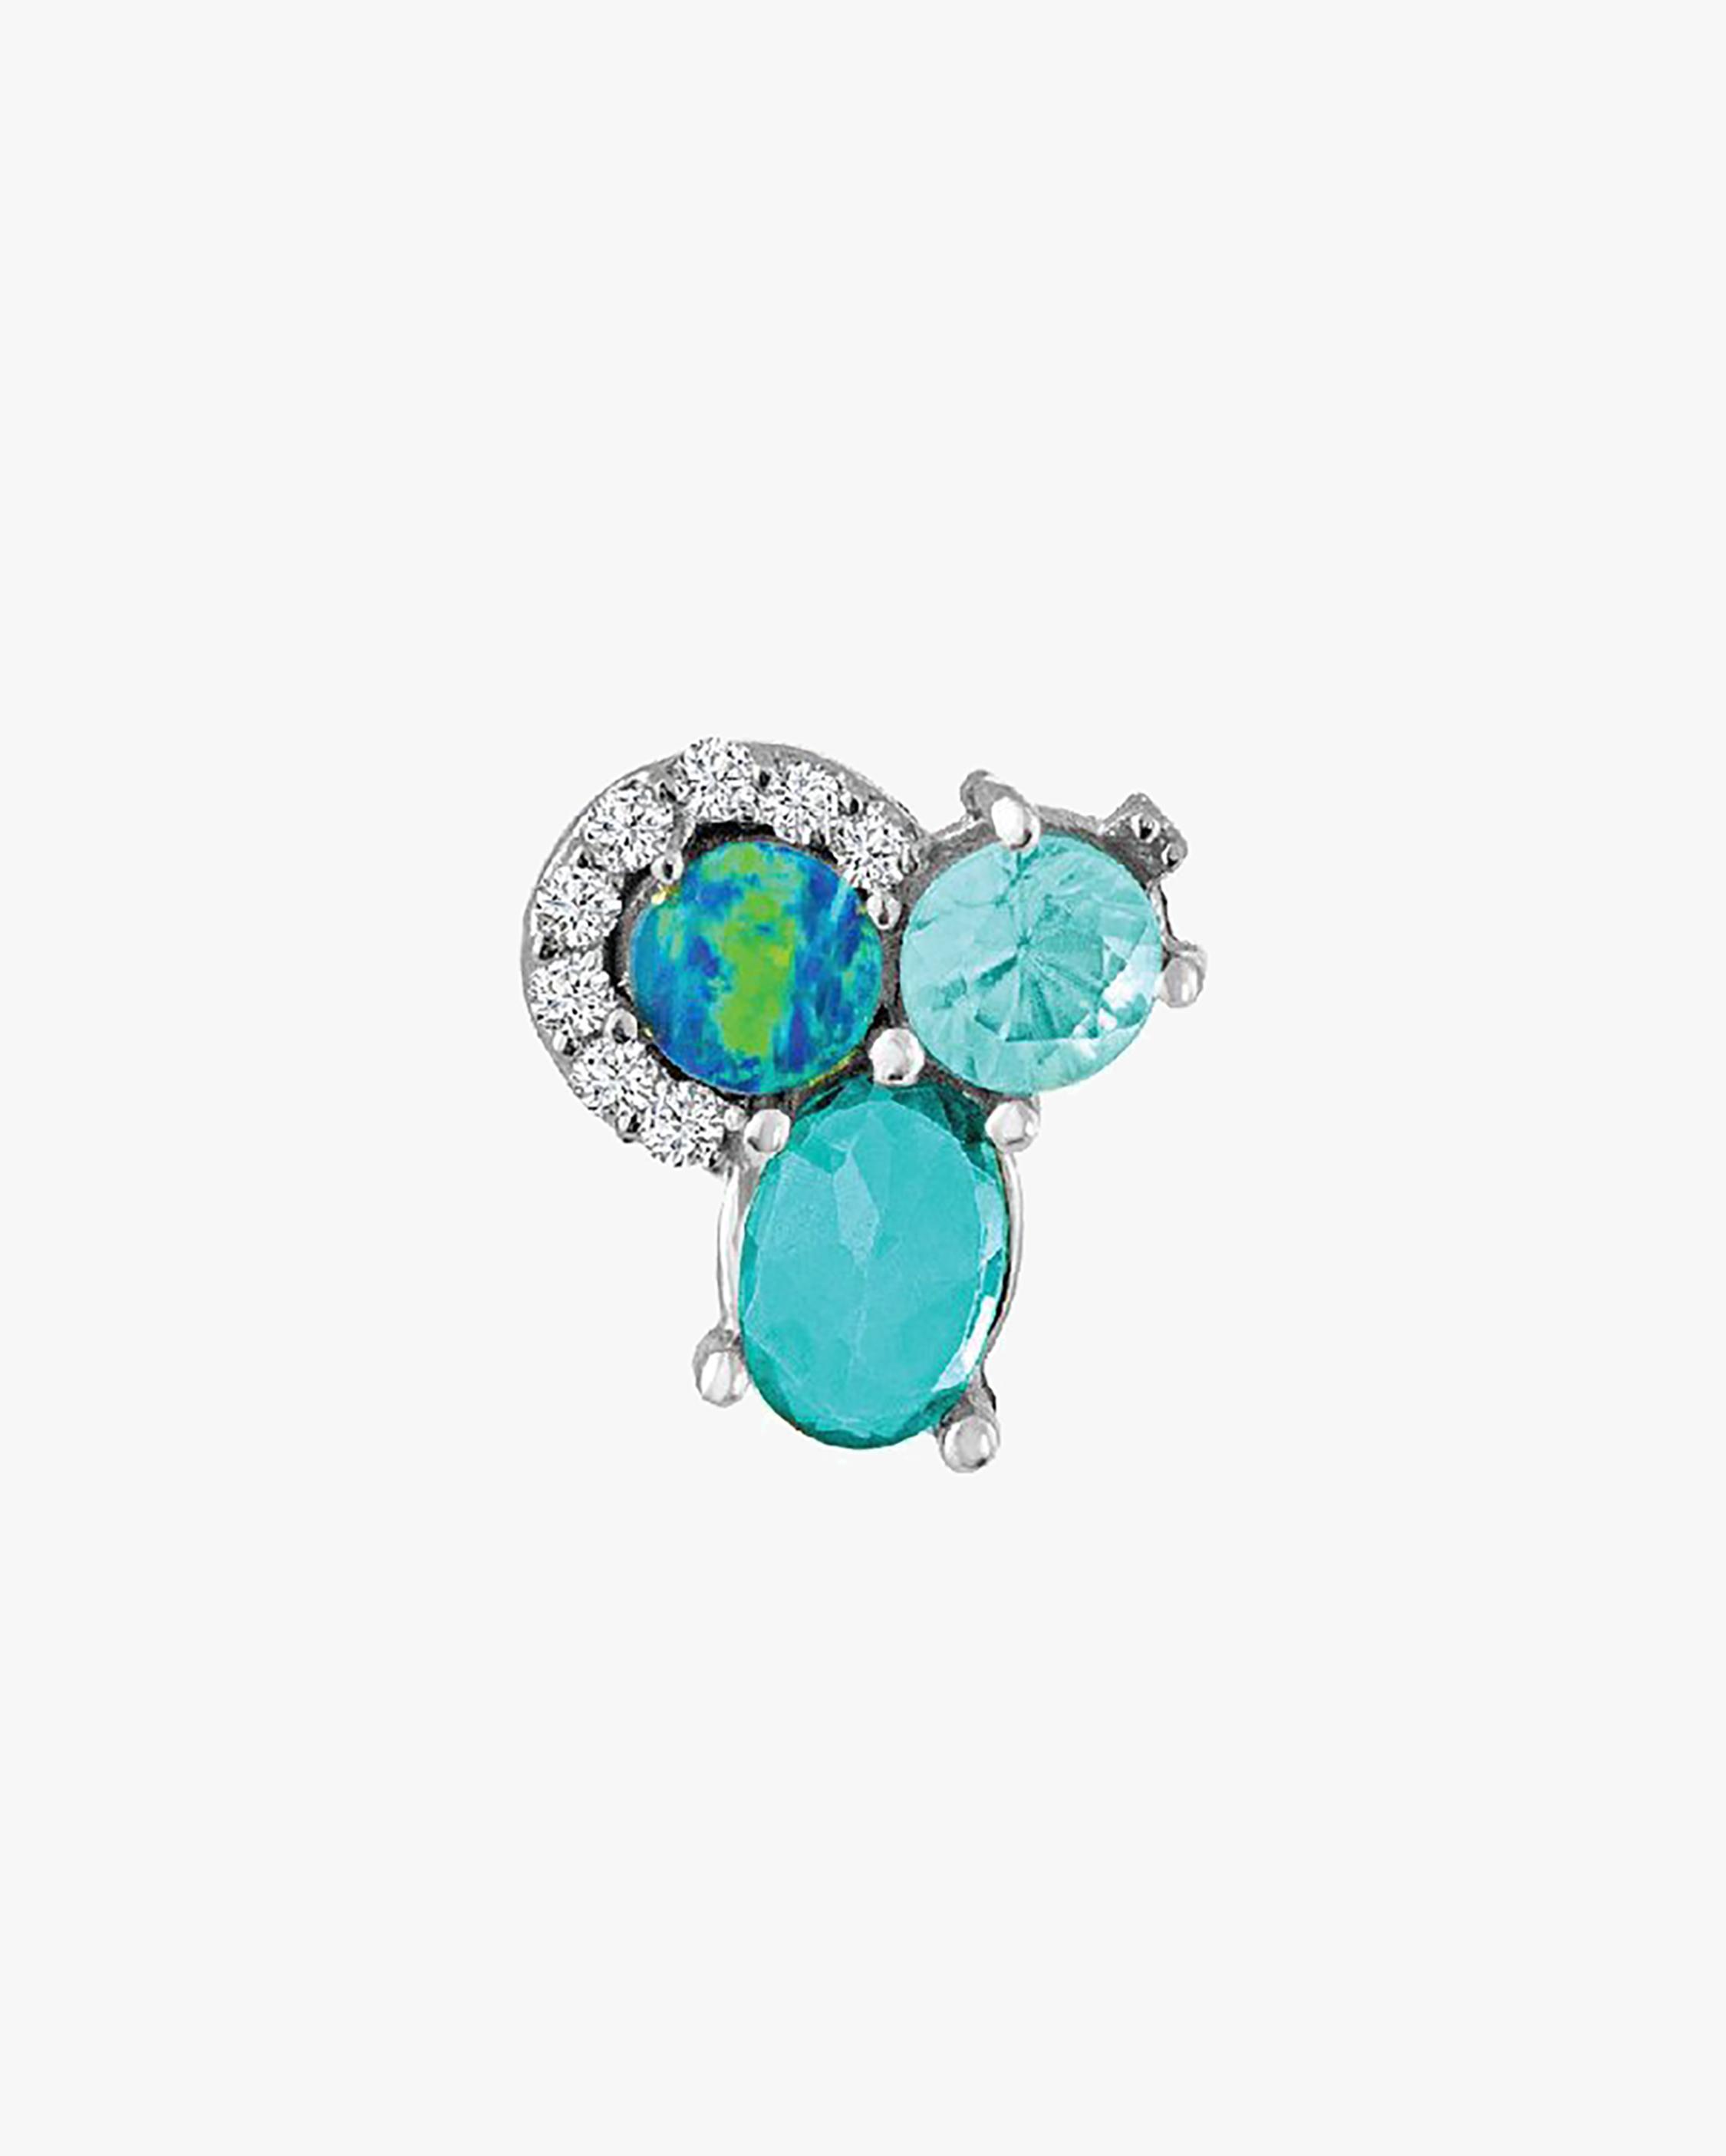 Single Diamond & Gemstone Stud Earring